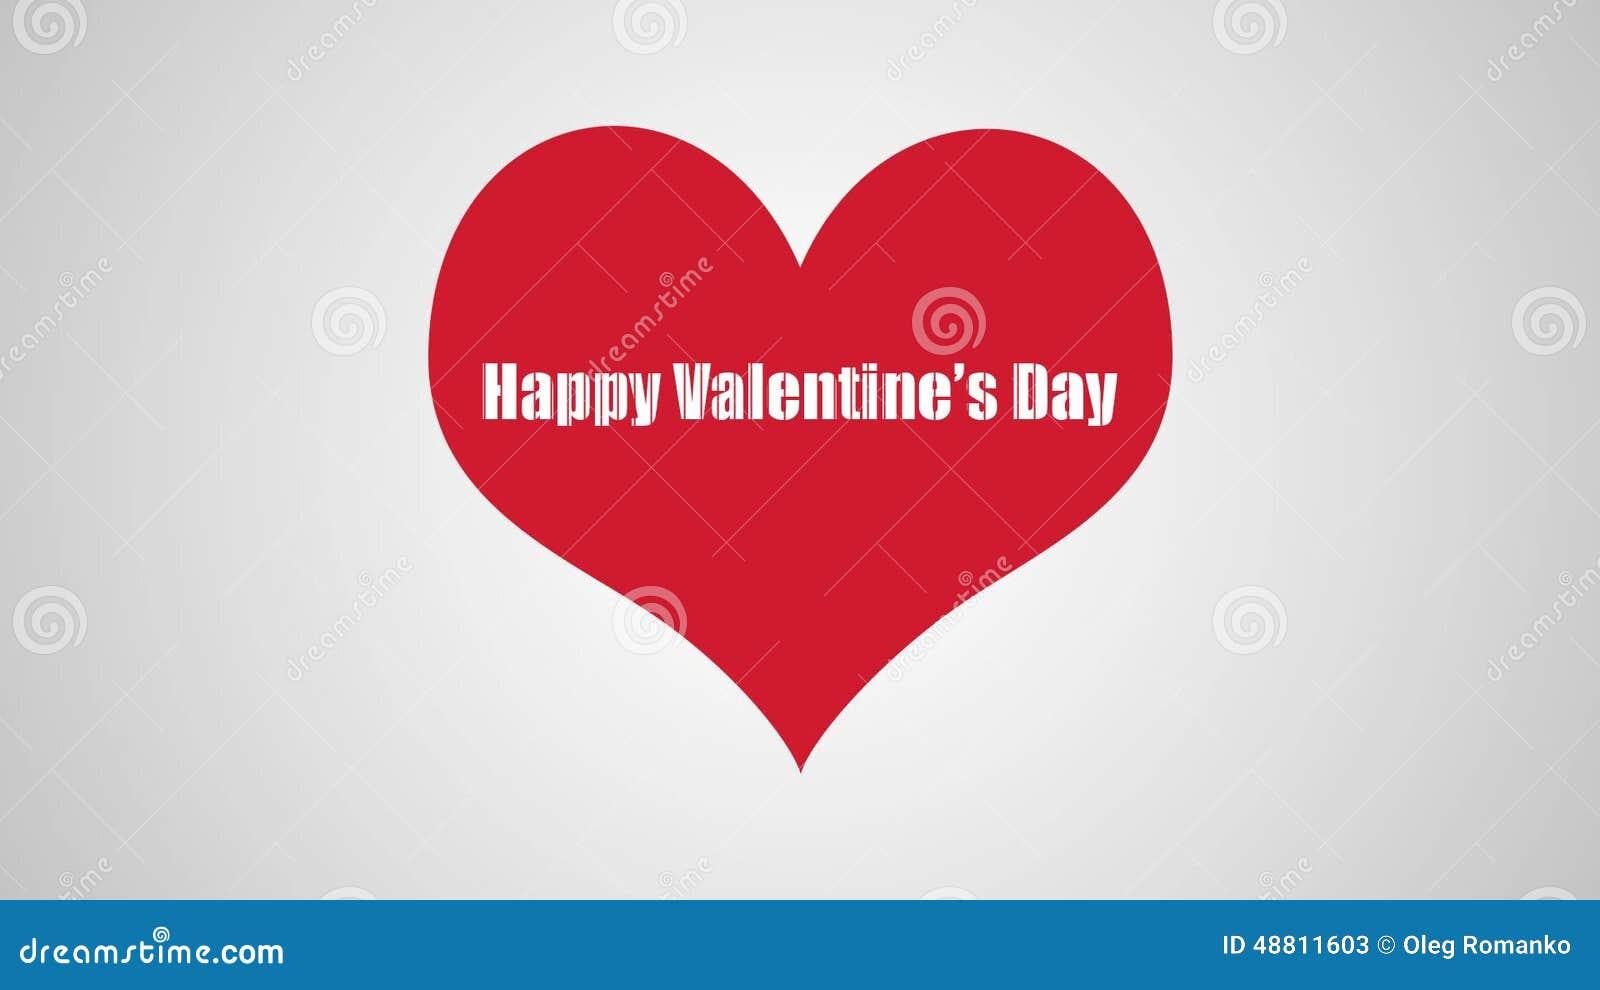 Herz Mit Einem Glückwunsch Bis Zum Valentinstag Stock Video   Video:  48811603